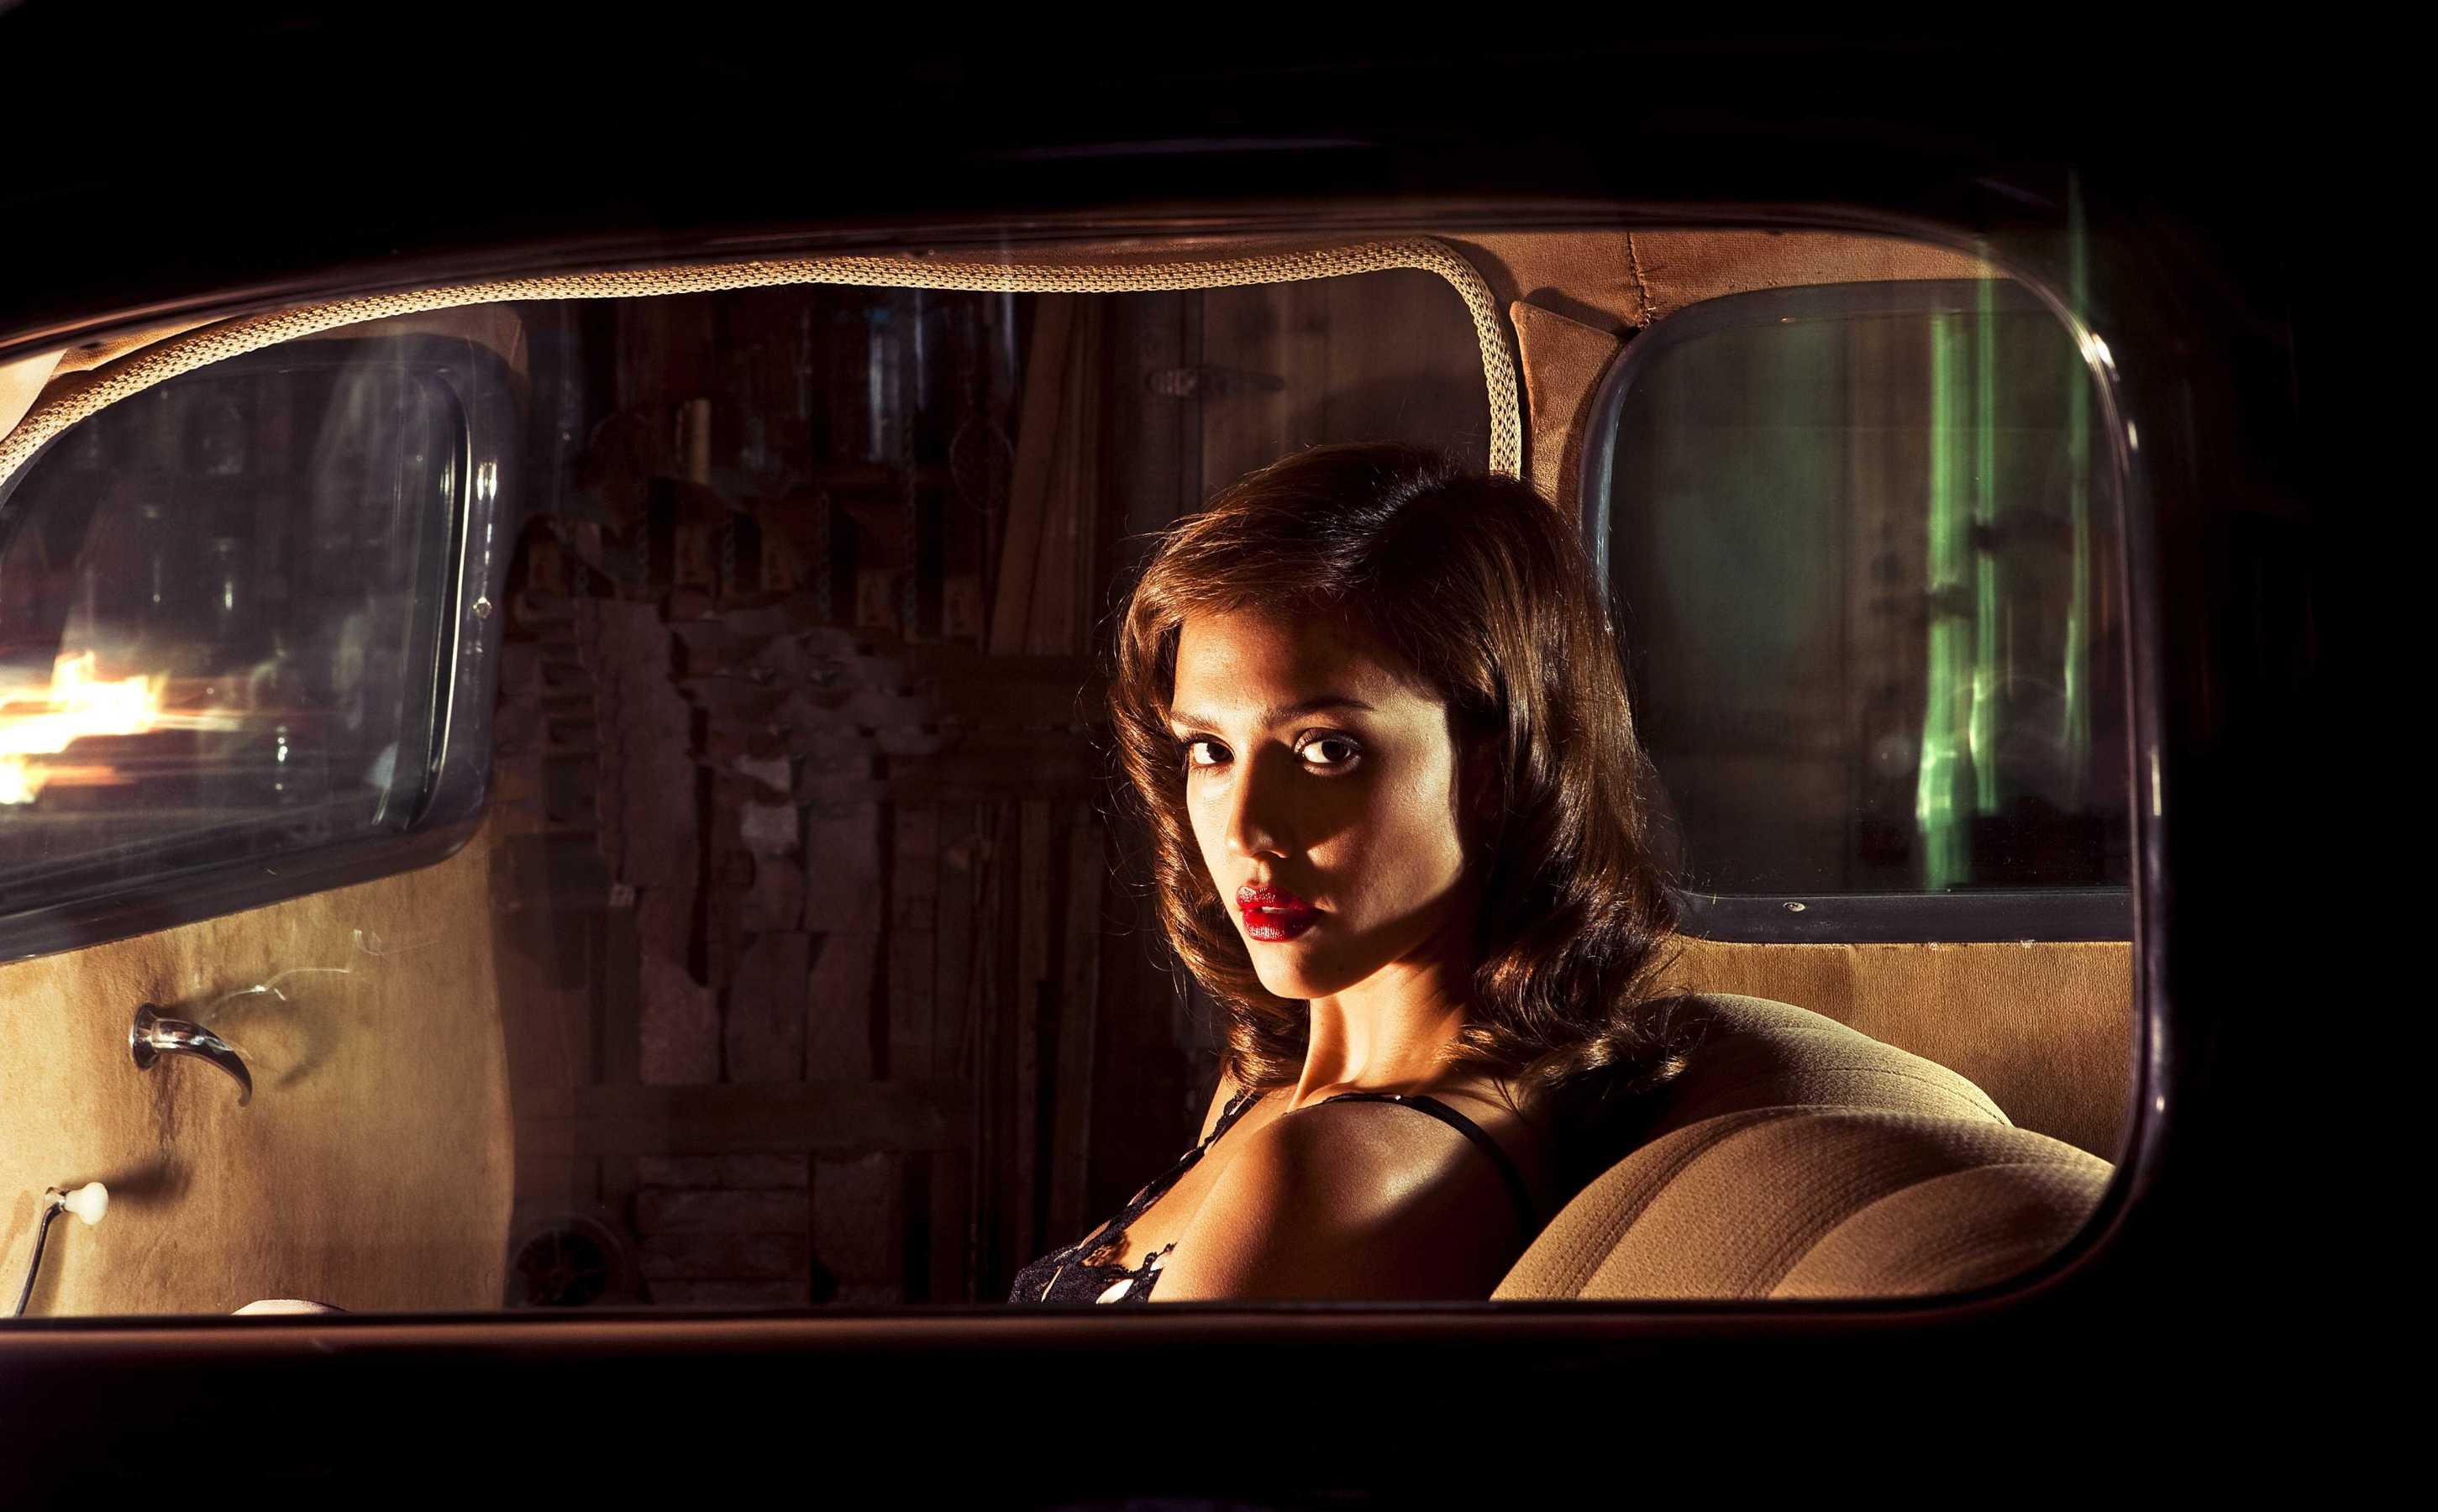 Jessica Alba as Joyce Lakeland in The Killer Inside Me (2010)